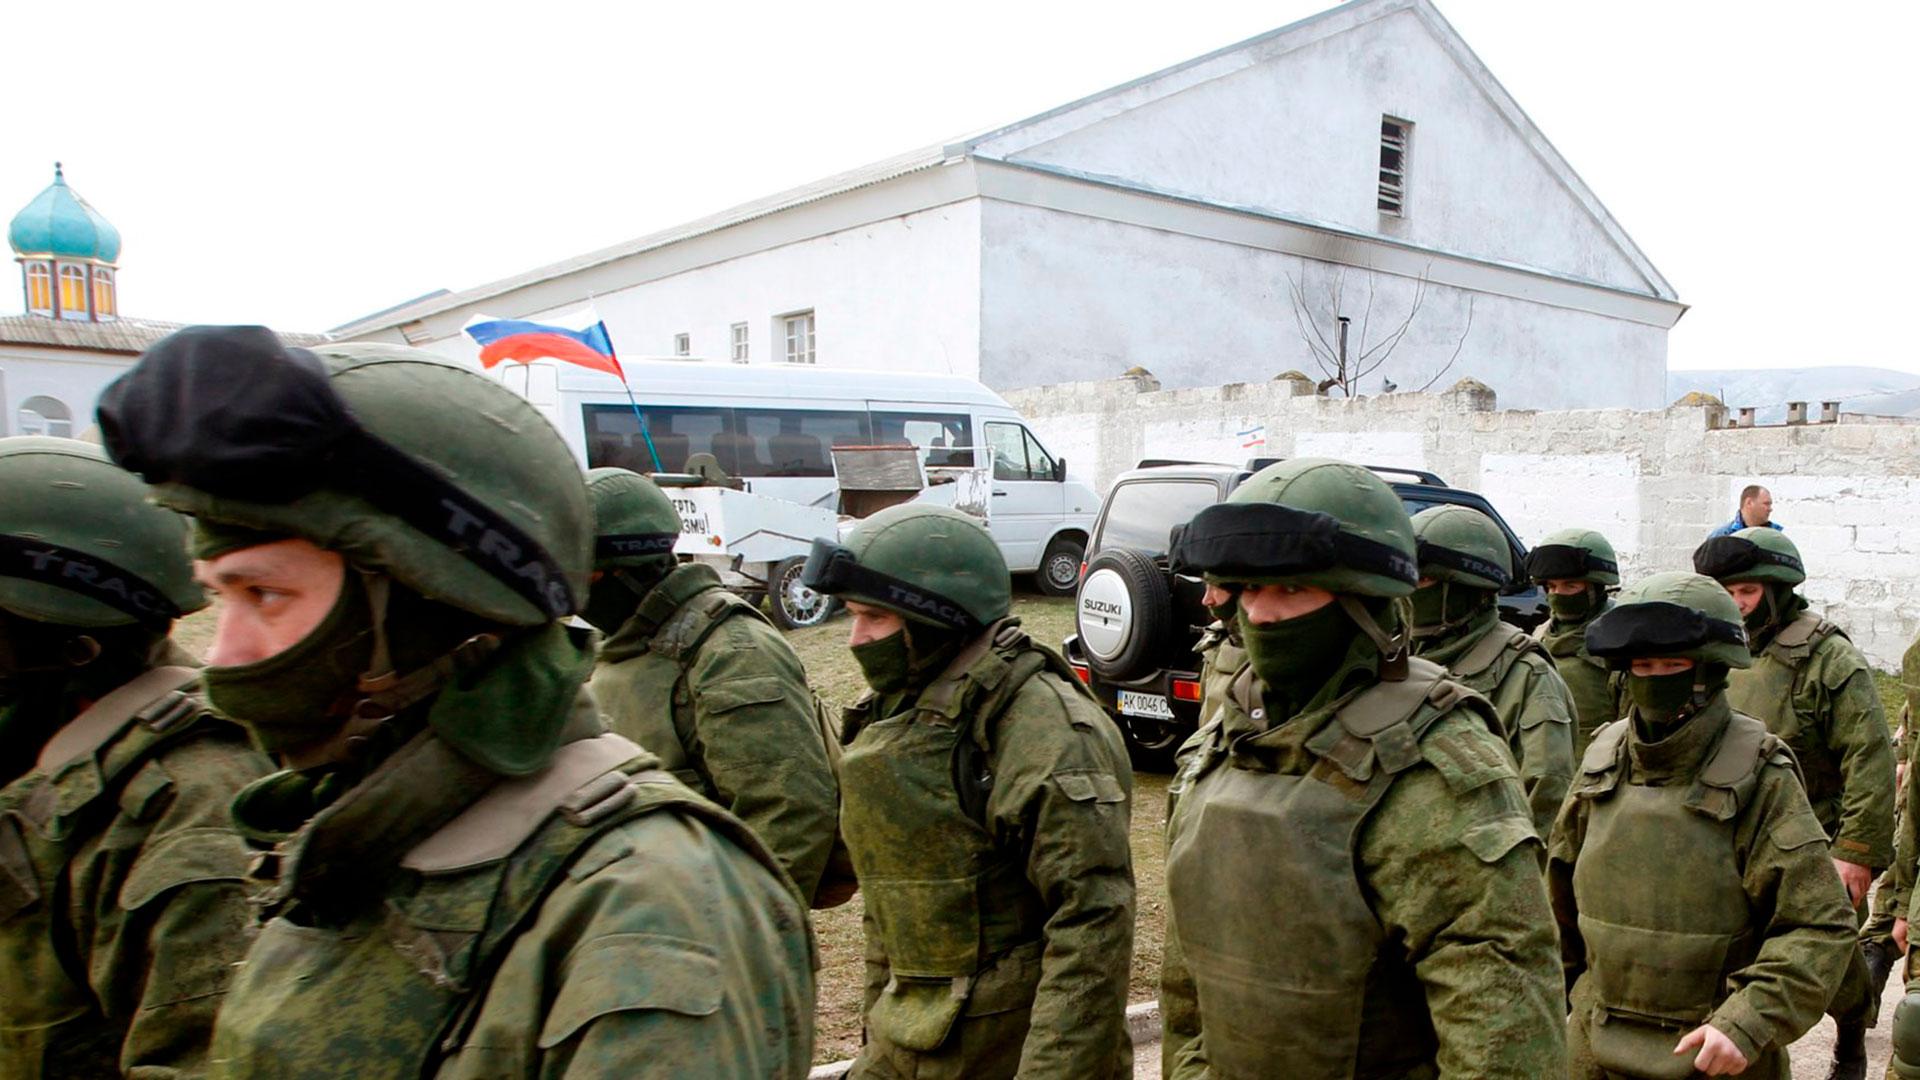 Hombres armados, presuntamente militares rusos, salen de una base militar ucraniana en Perevalnoye, cerca de la ciudad de Simferopol, en Crimea, el 14 de marzo de 2014.